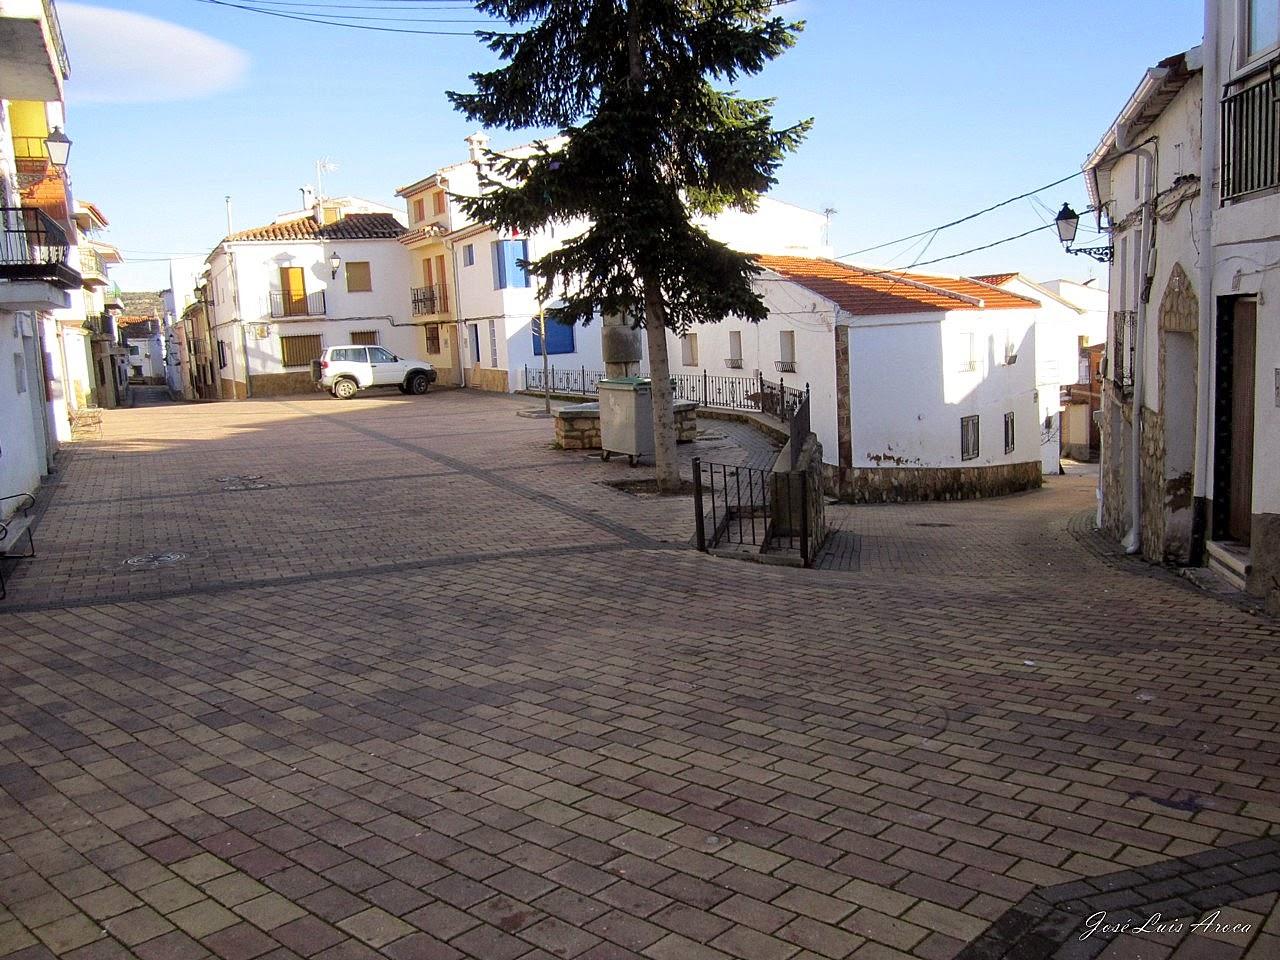 Campillos Paravientos (Cuenca)